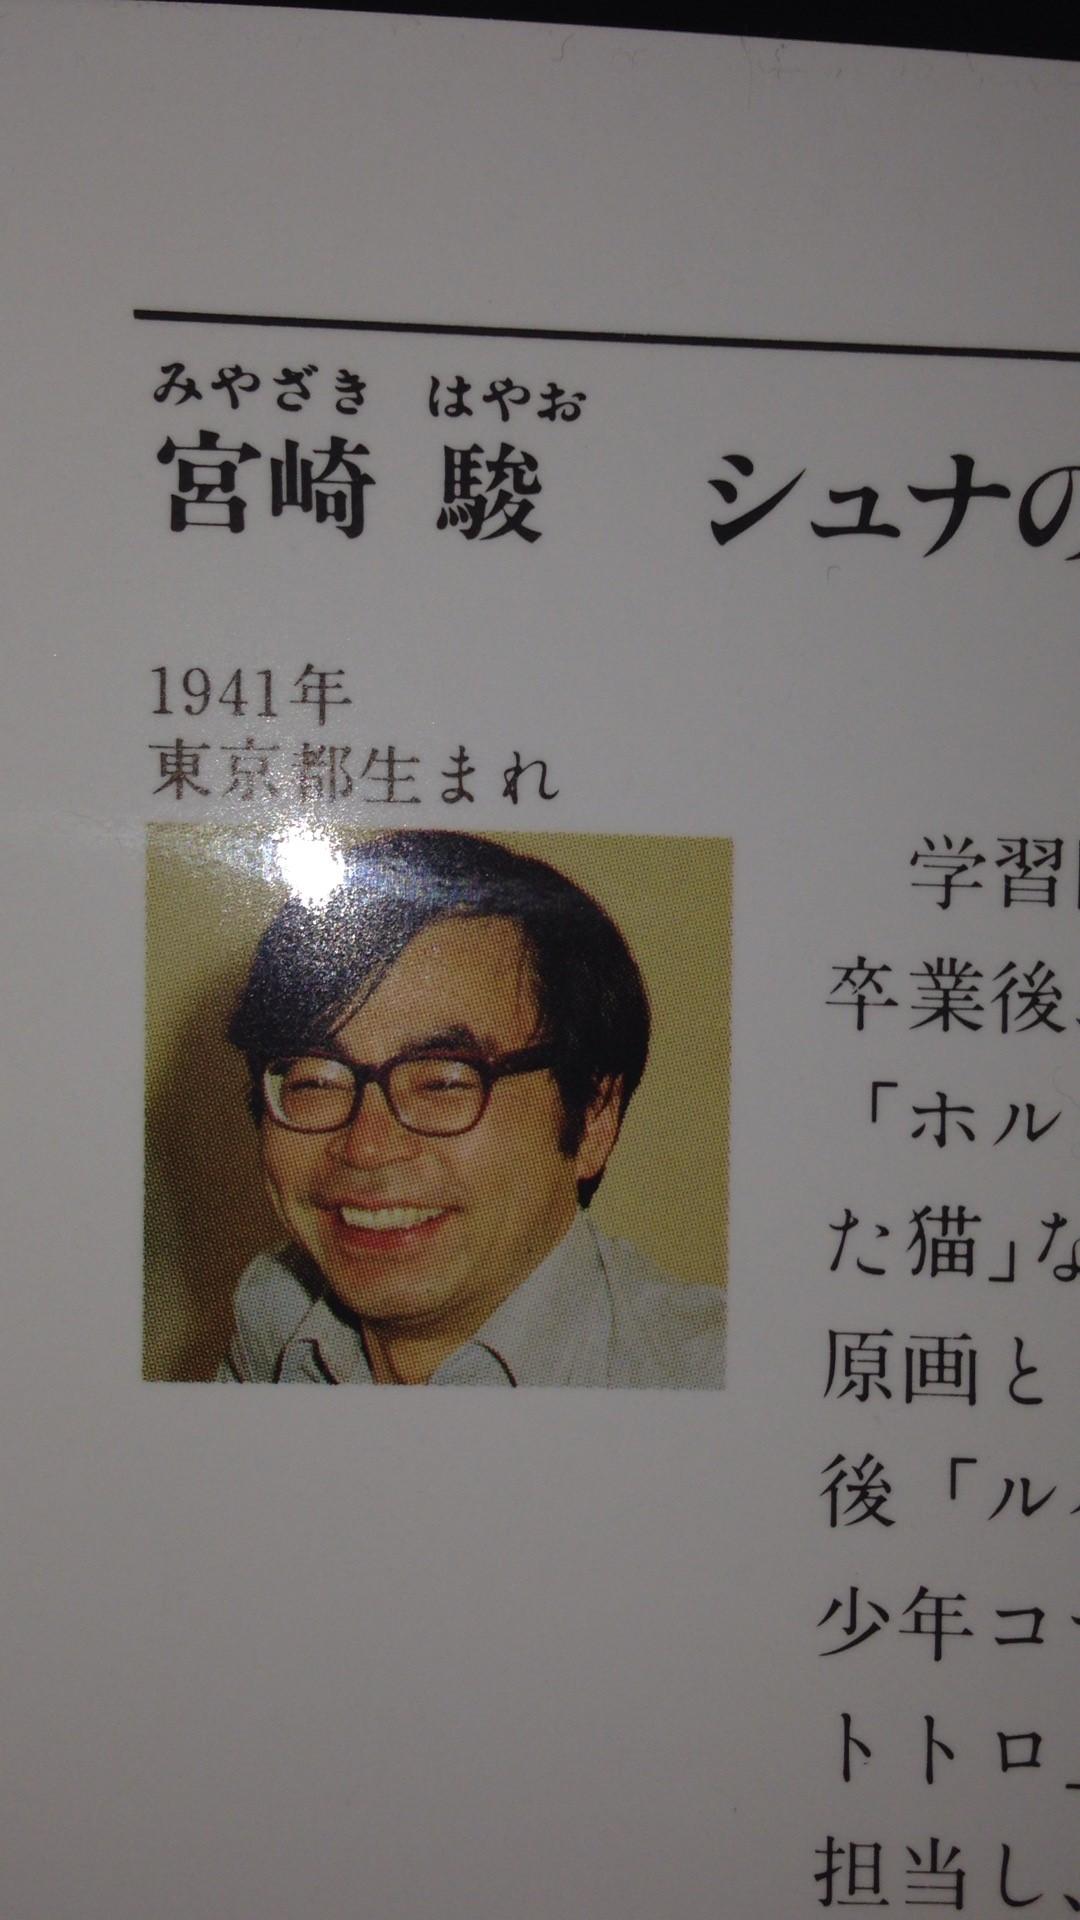 宮崎駿さん写真